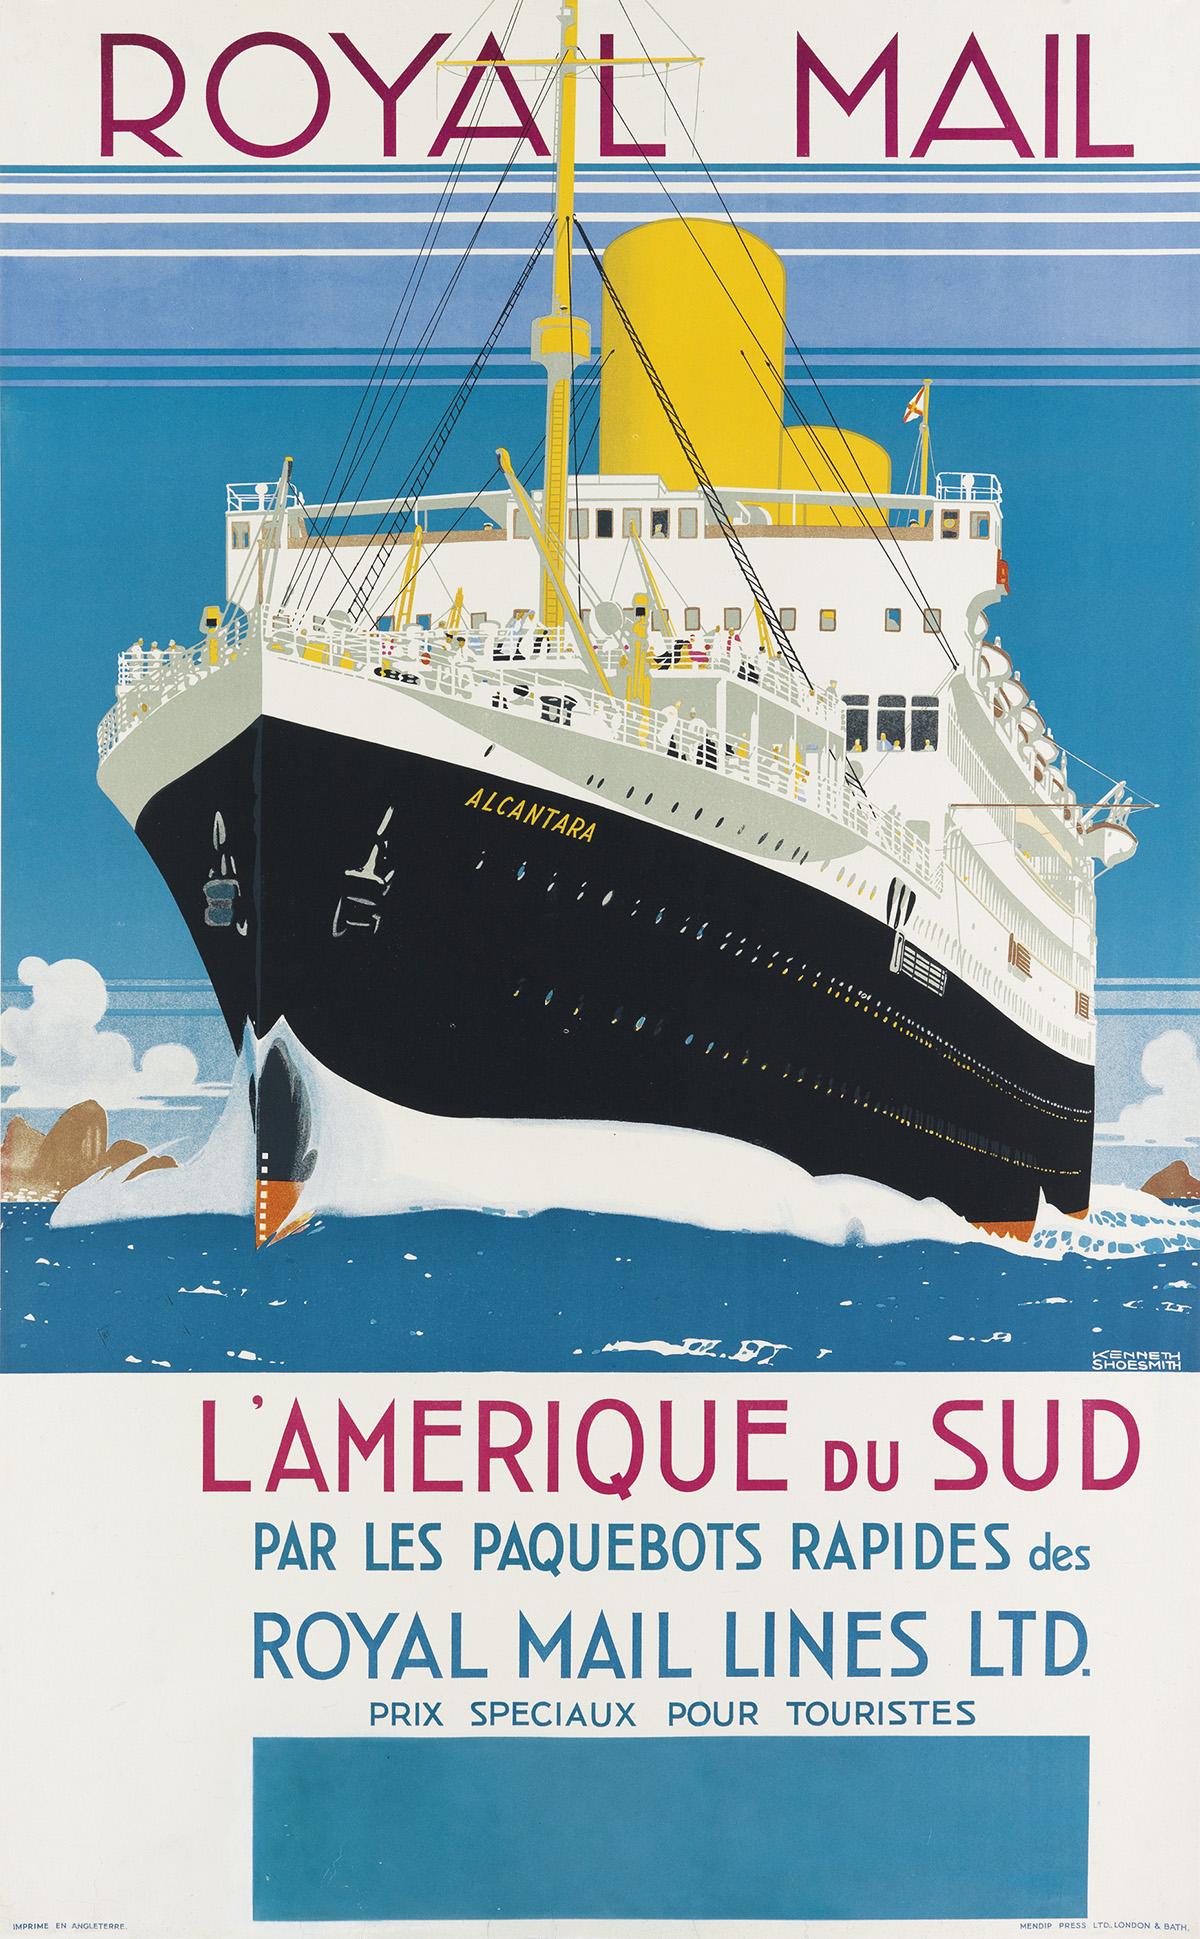 KENNETH-D-SHOESMITH-(1890-1939)-ROYAL-MAIL--LAMERIQUE-DU-SUD